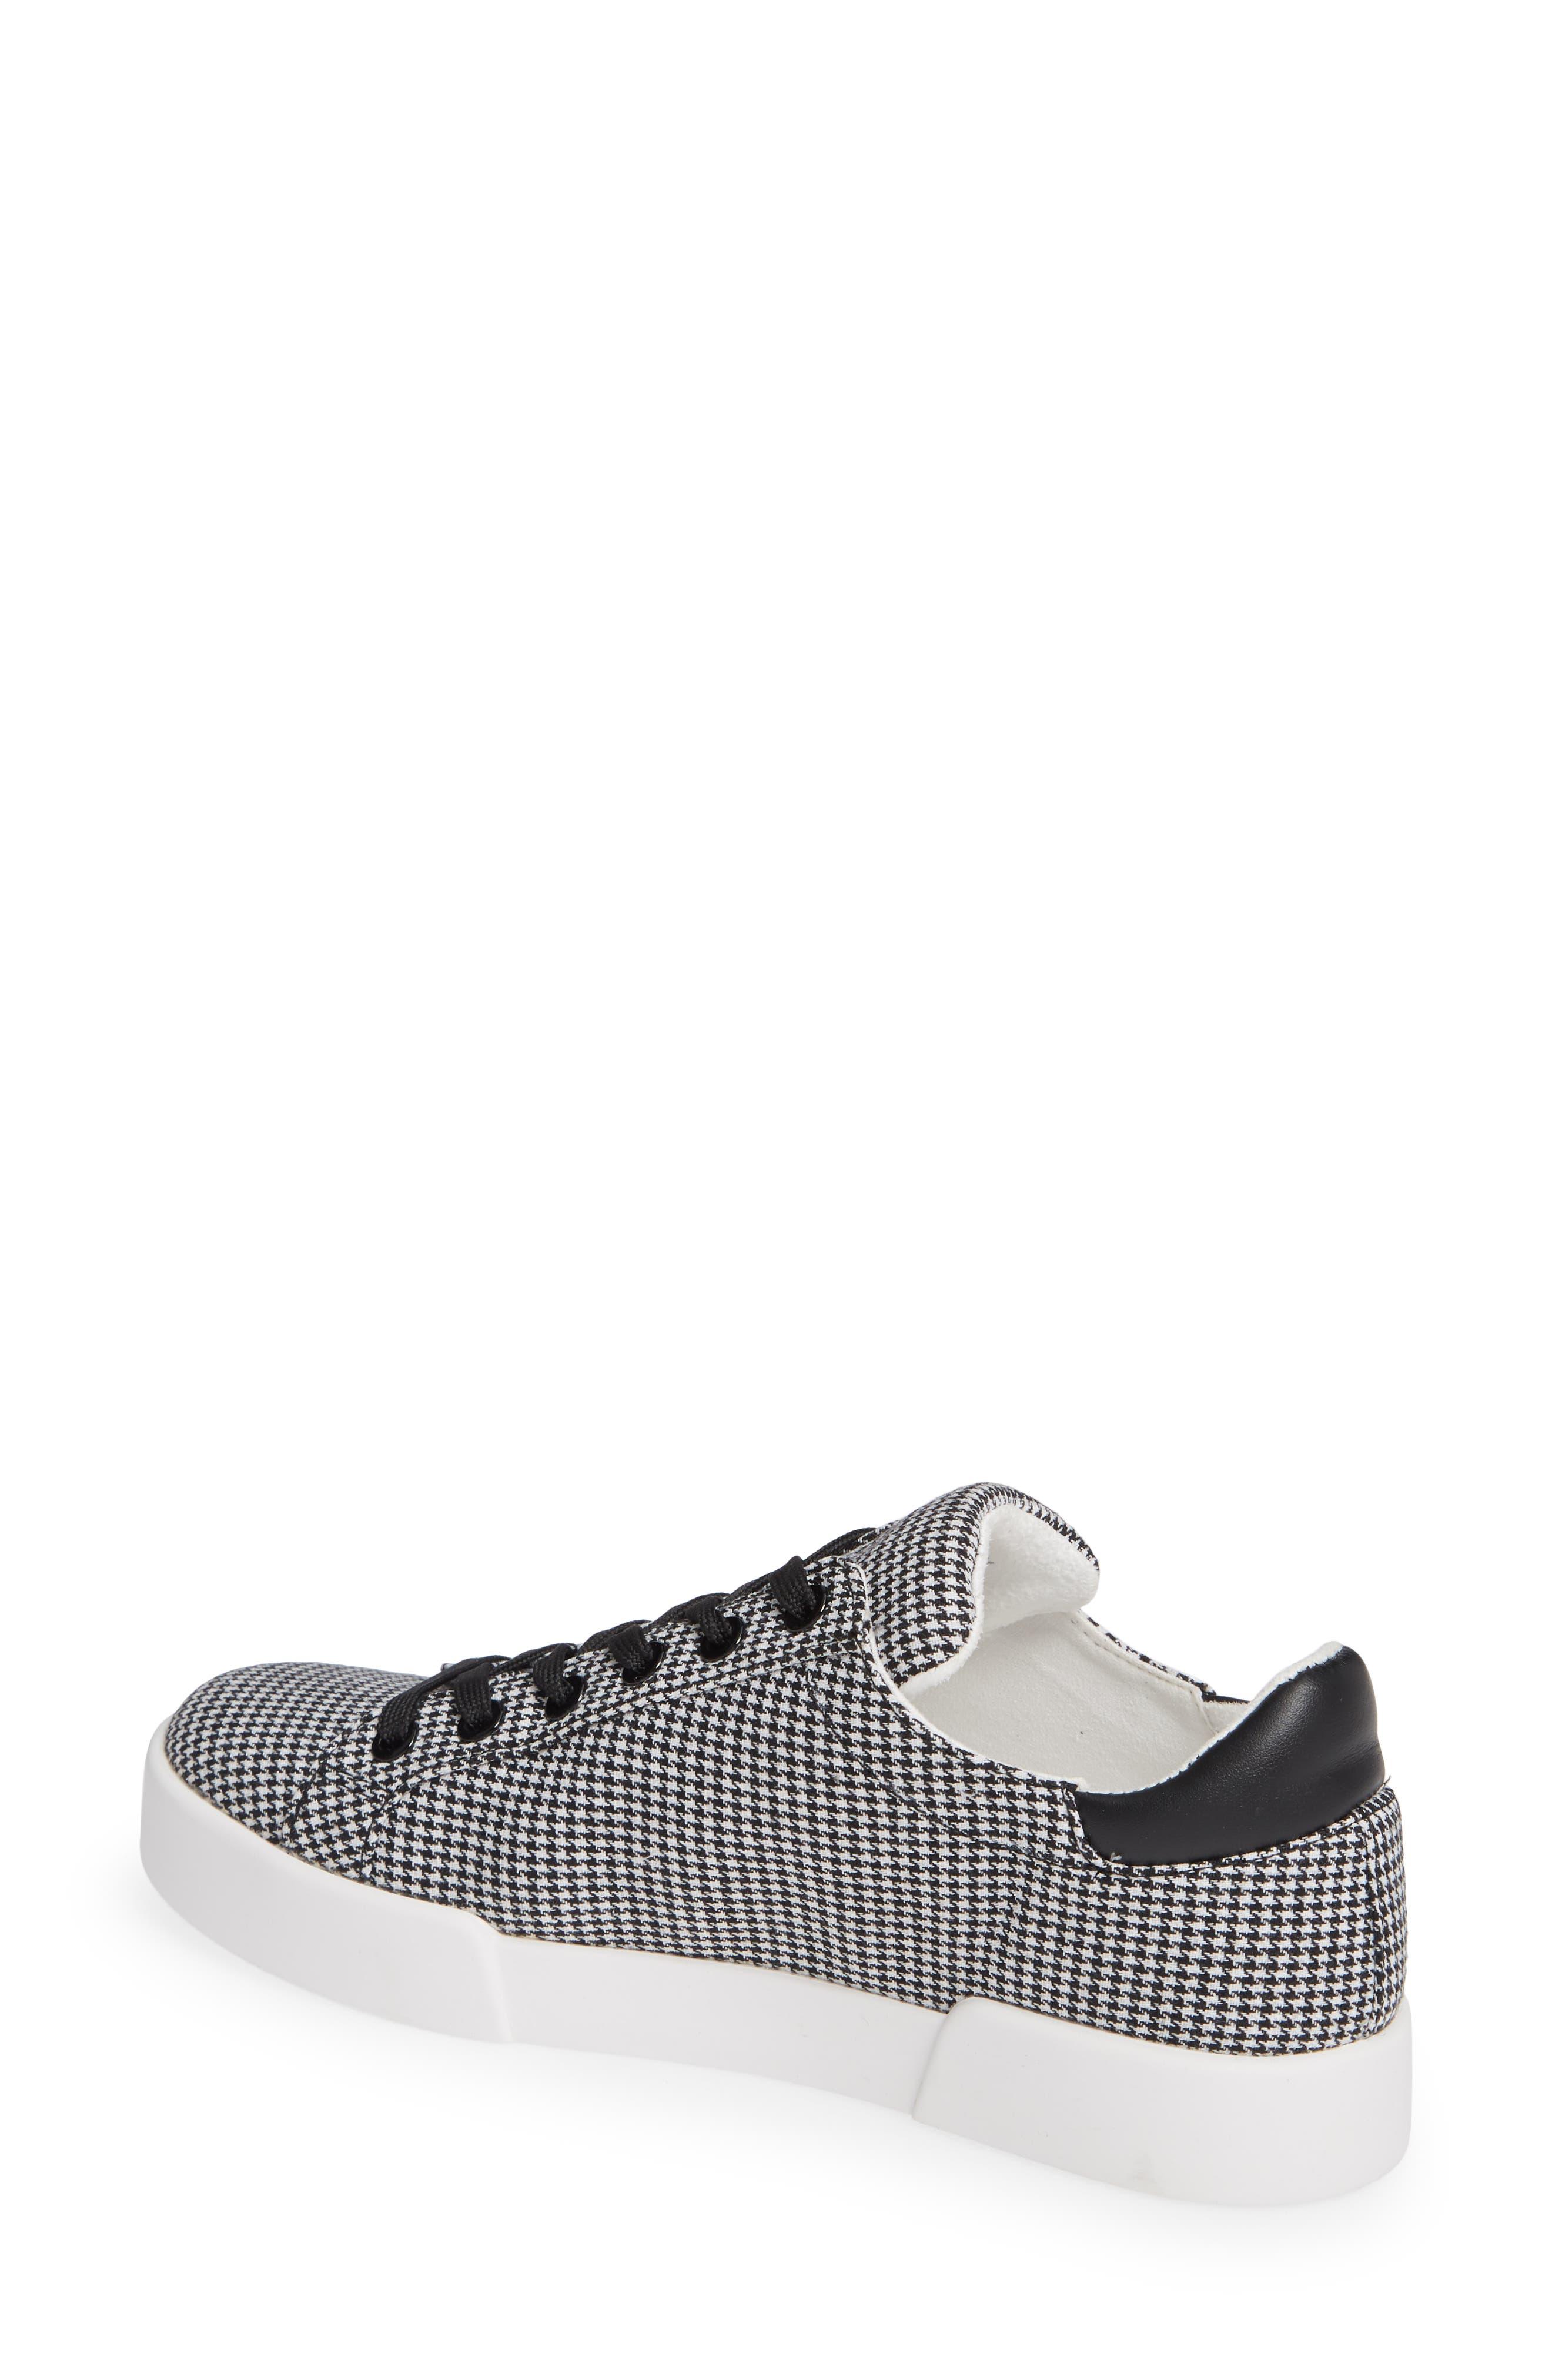 Tyler Sneaker,                             Alternate thumbnail 2, color,                             BLACK/ WHITE FABRIC